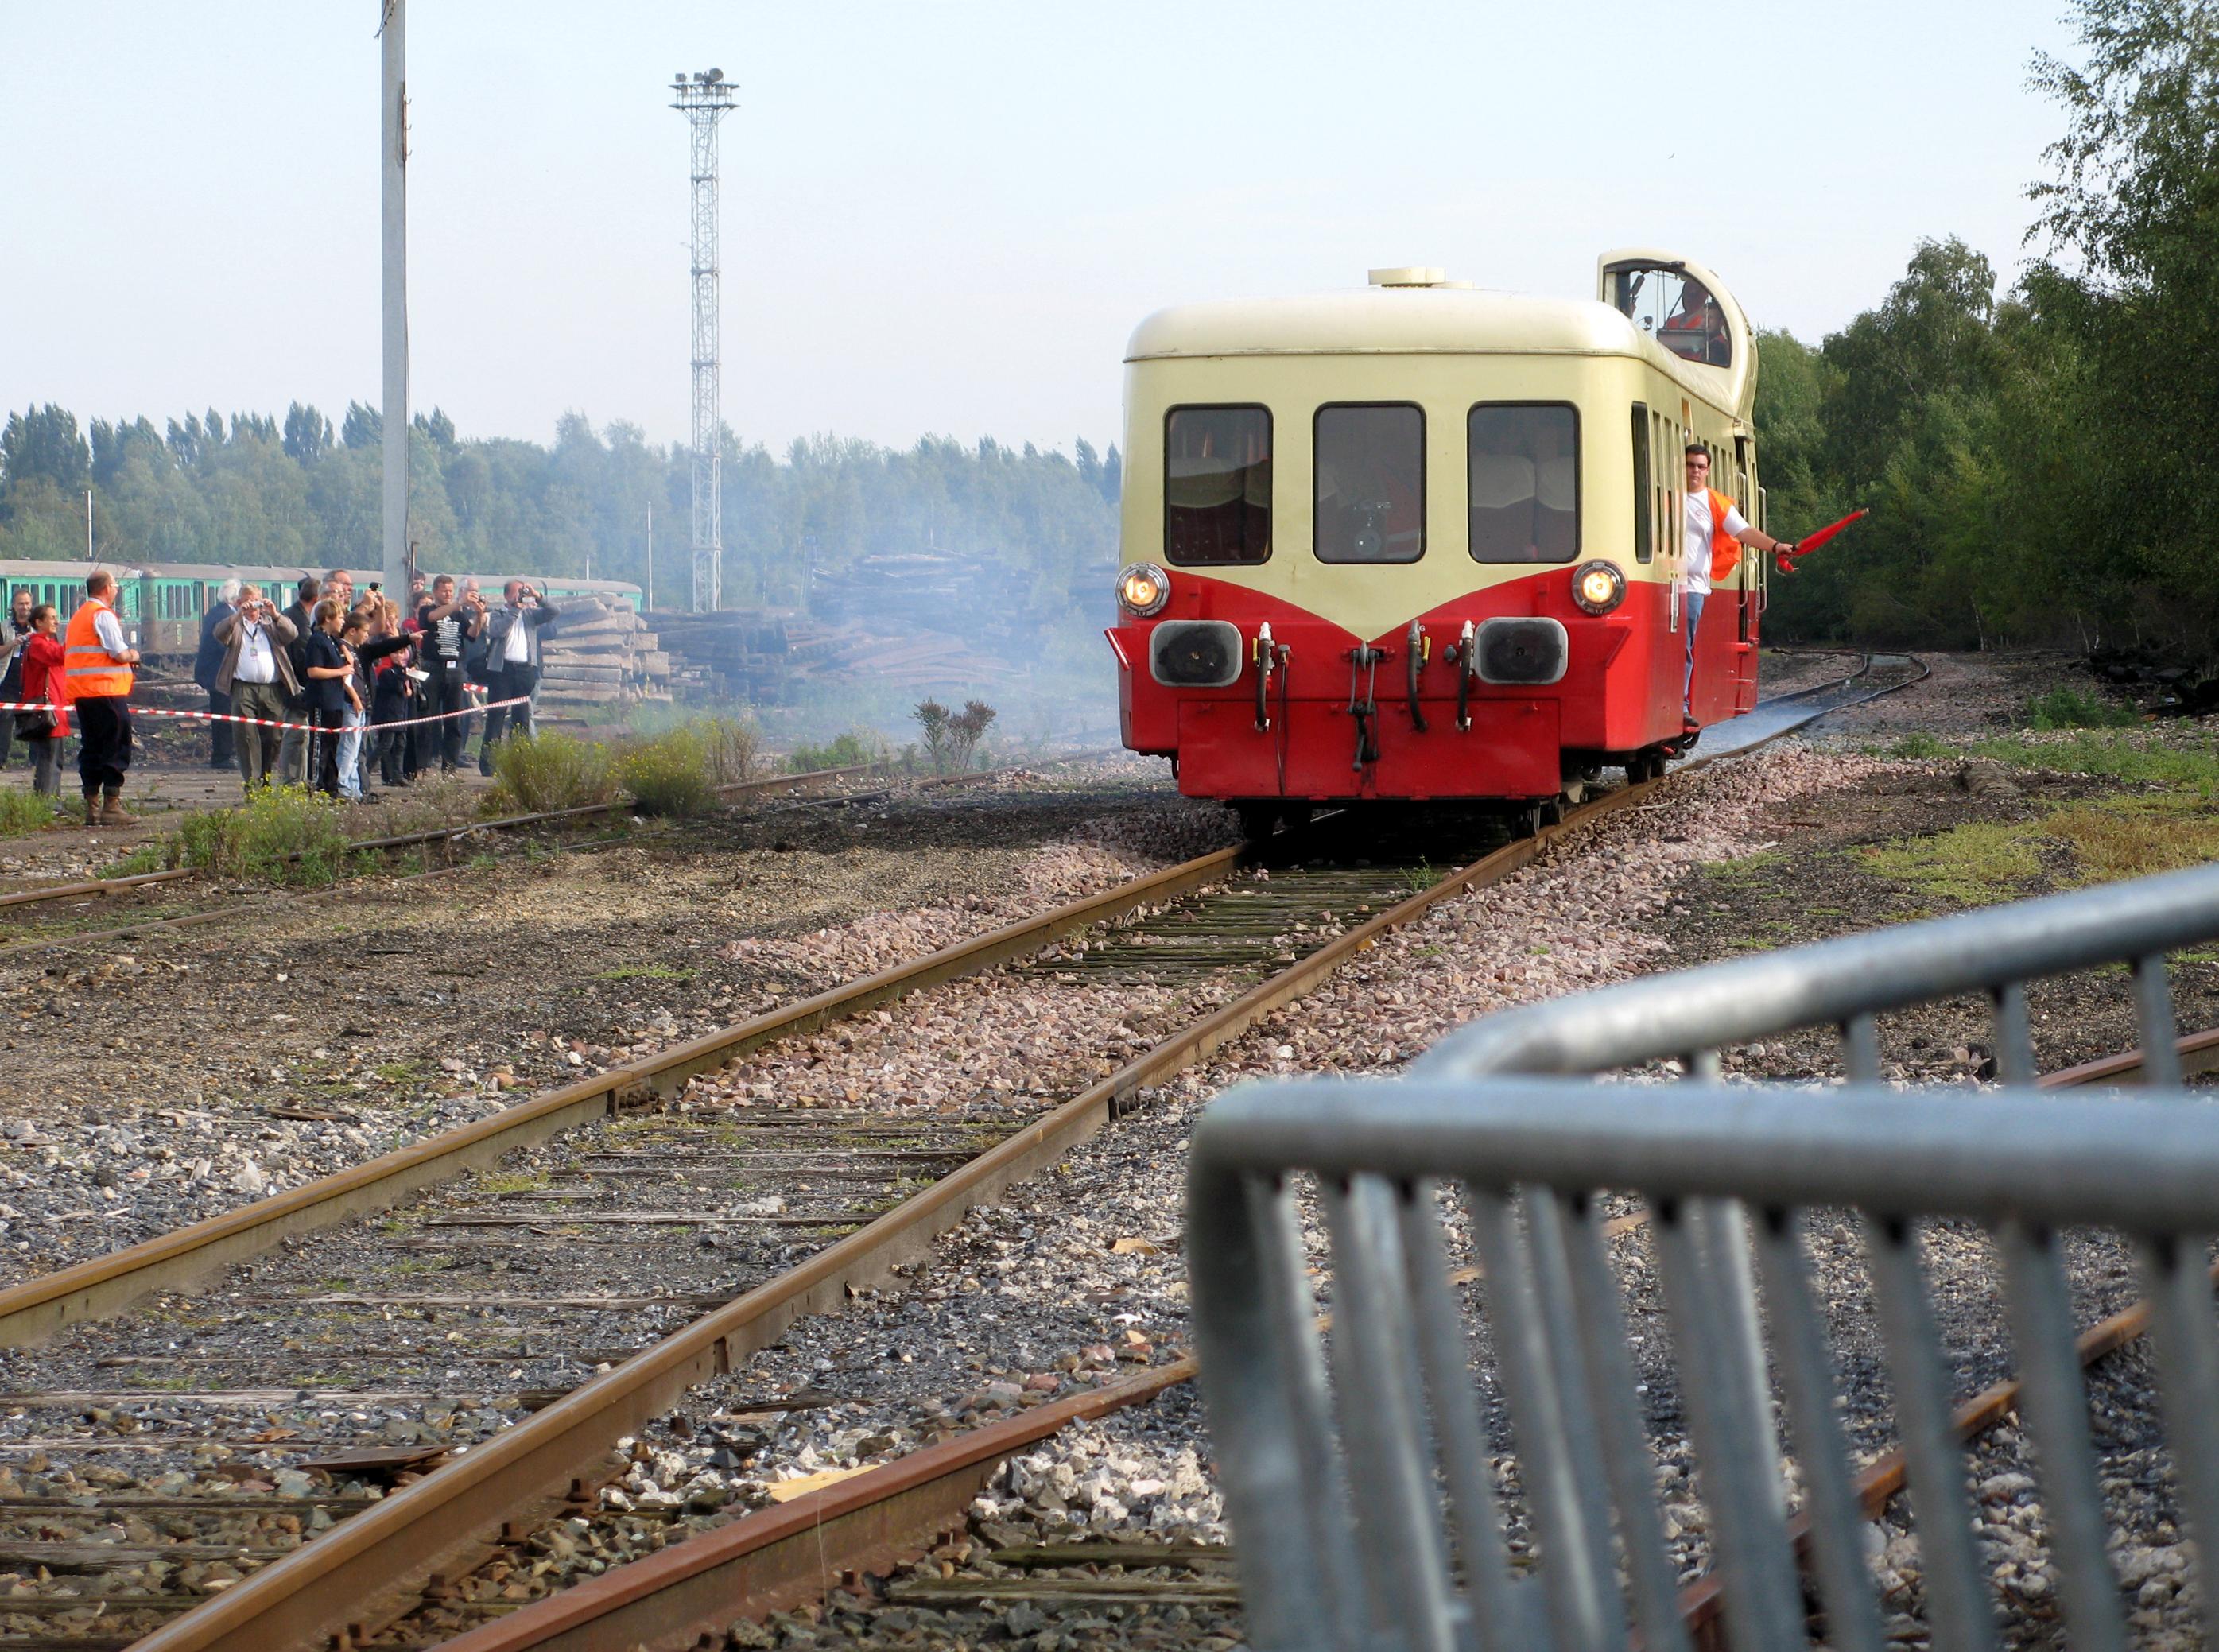 Exposition train réel et objets historique SNCF Longueau 5 et 6 octobre 2013 Longueau_%283_octobre_2010%29_F%C3%AAte_du_rail_031